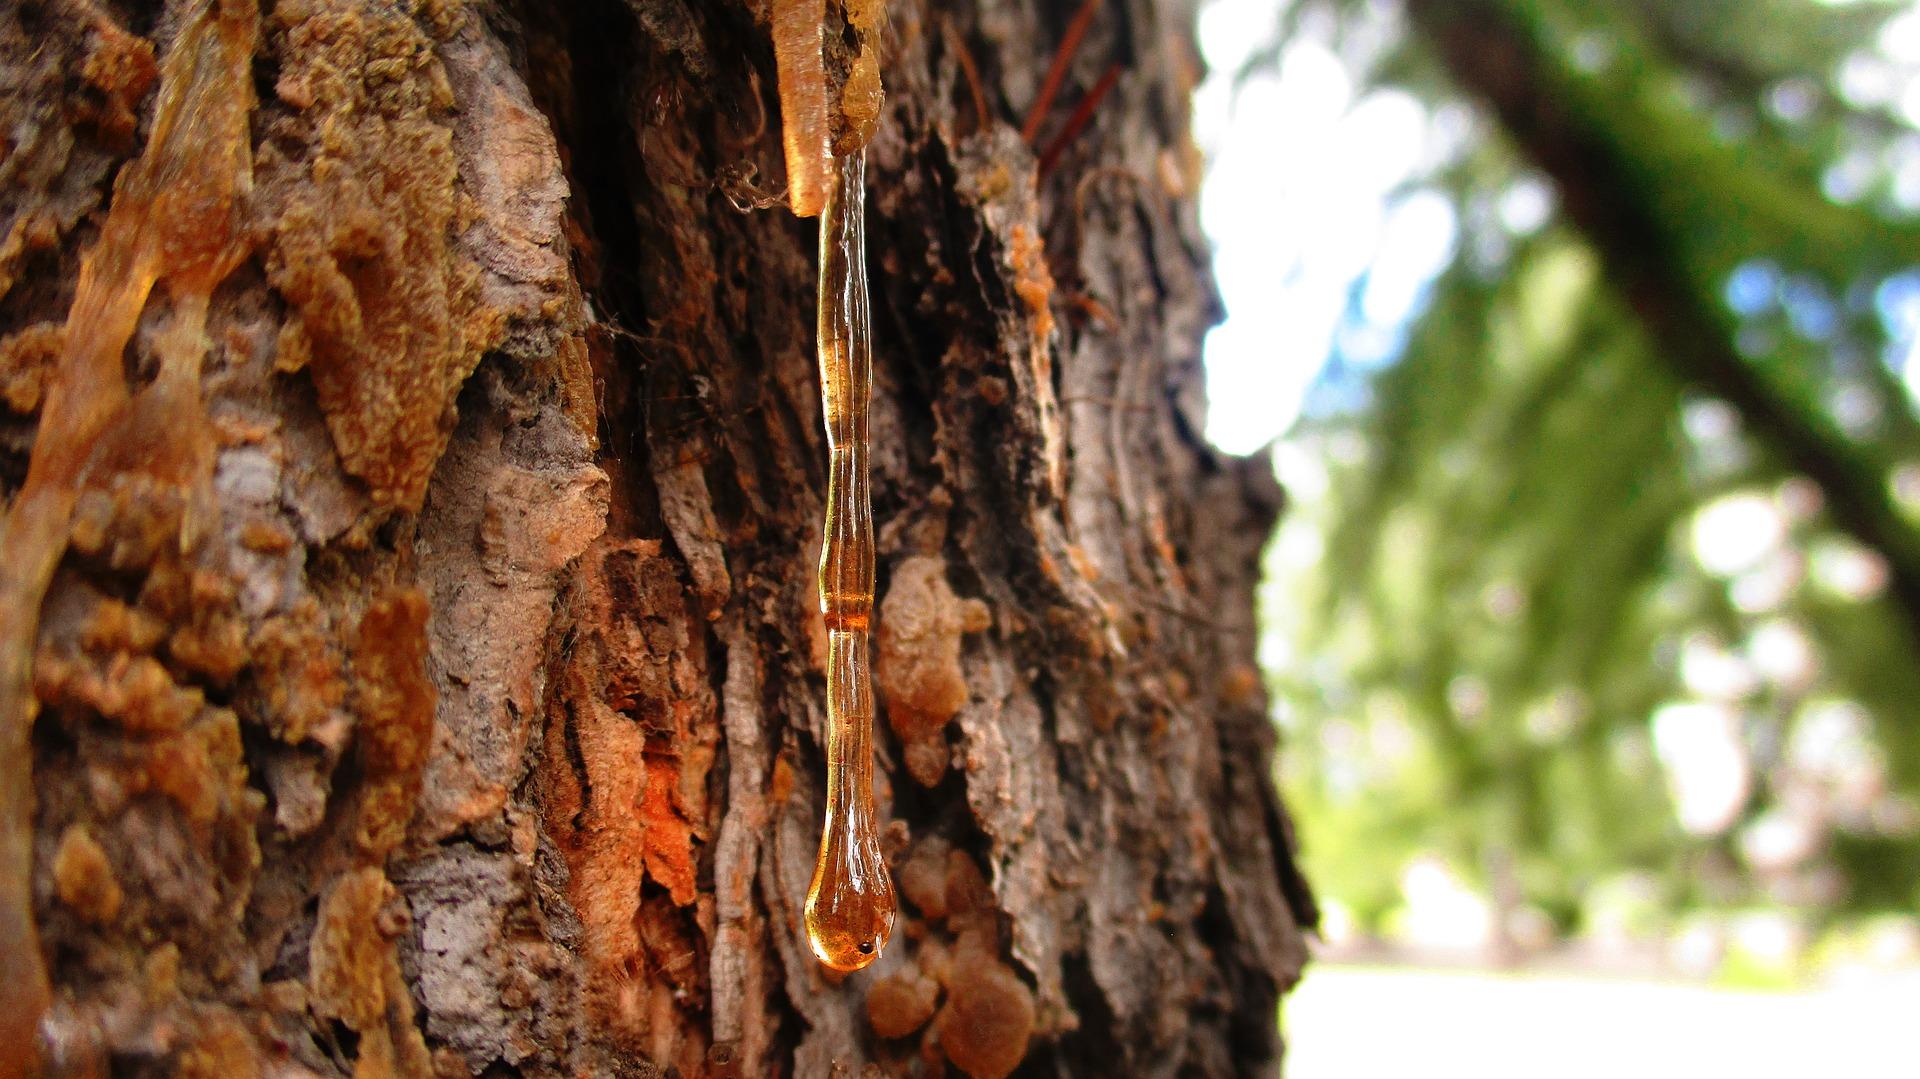 L'ambre : une résine fossile qui fascine